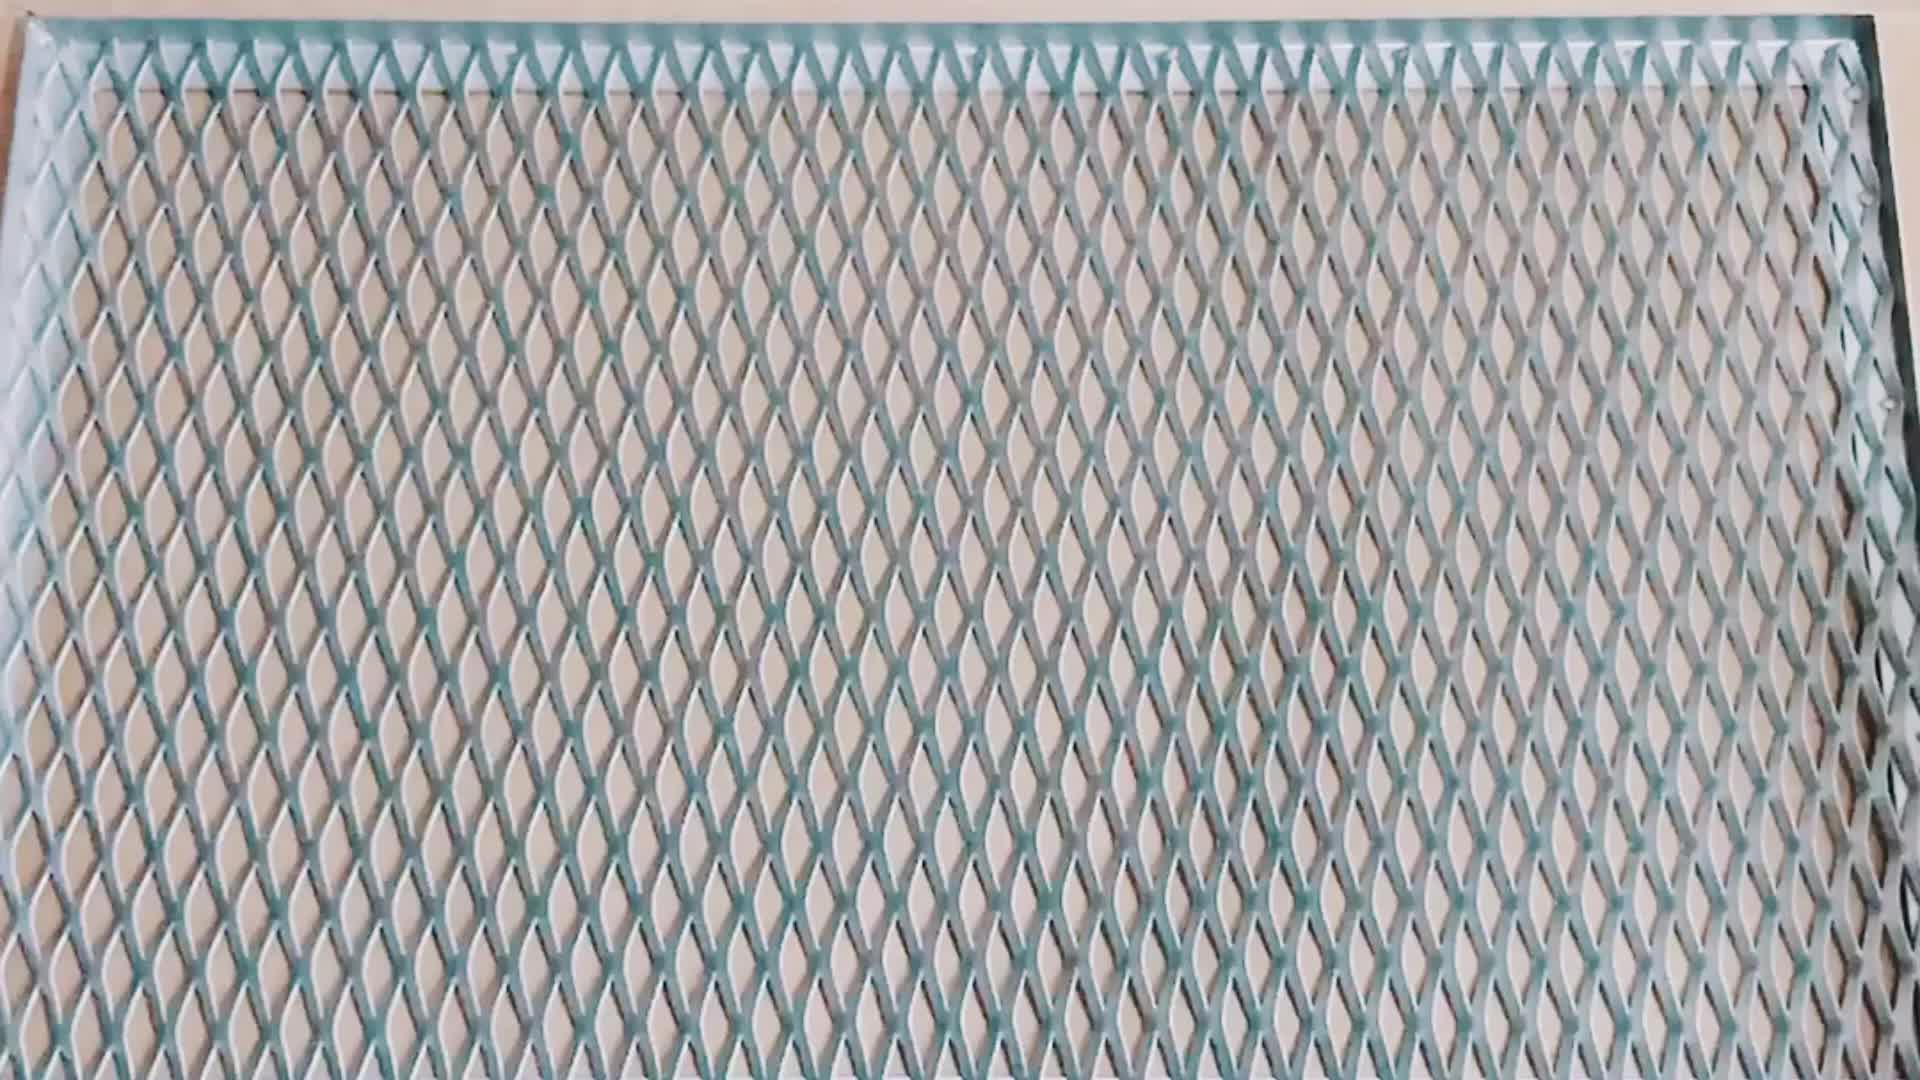 Toptan Dekoratif Genişletilmiş Metal Vinil Kaplı Alüminyum Genişletilmiş Mesh